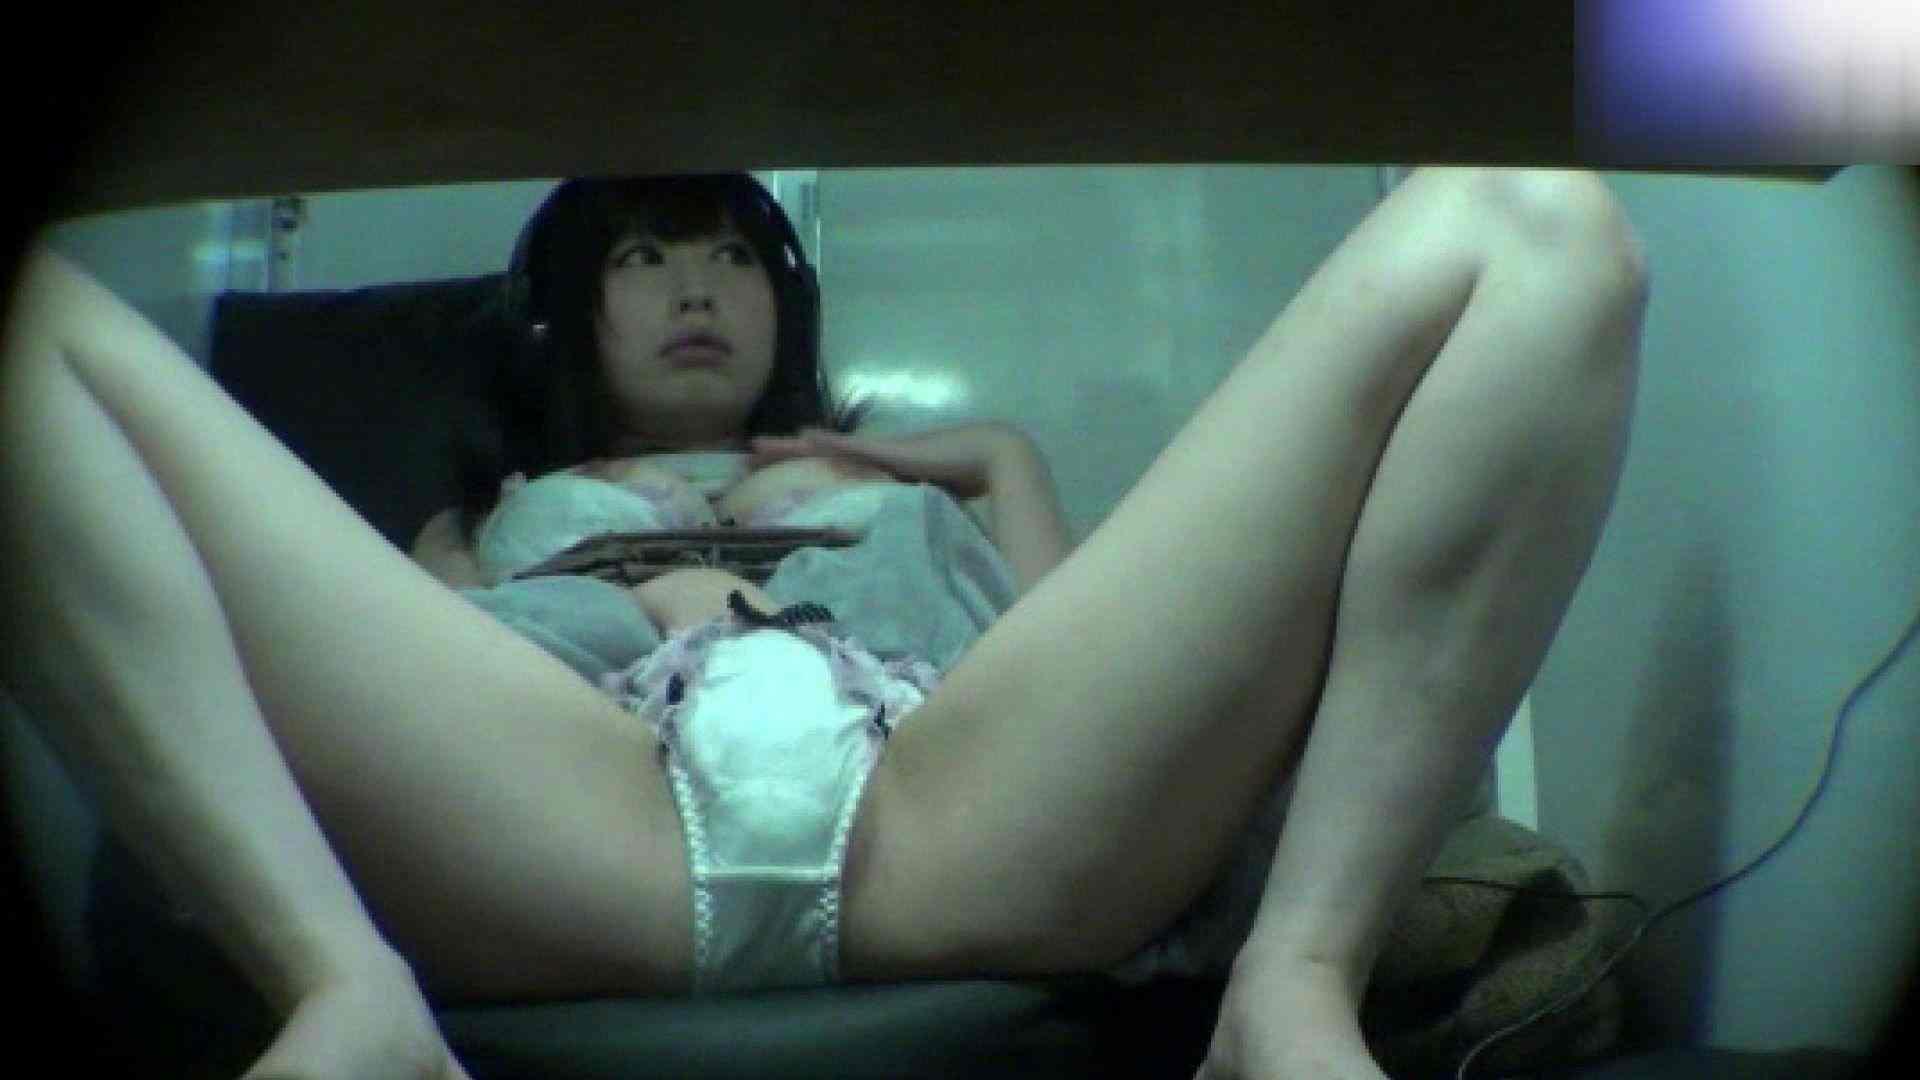 いつどこでオナニーしたっていいじゃない Vol.24 美しいOLの裸体 ヌード画像 89pic 62